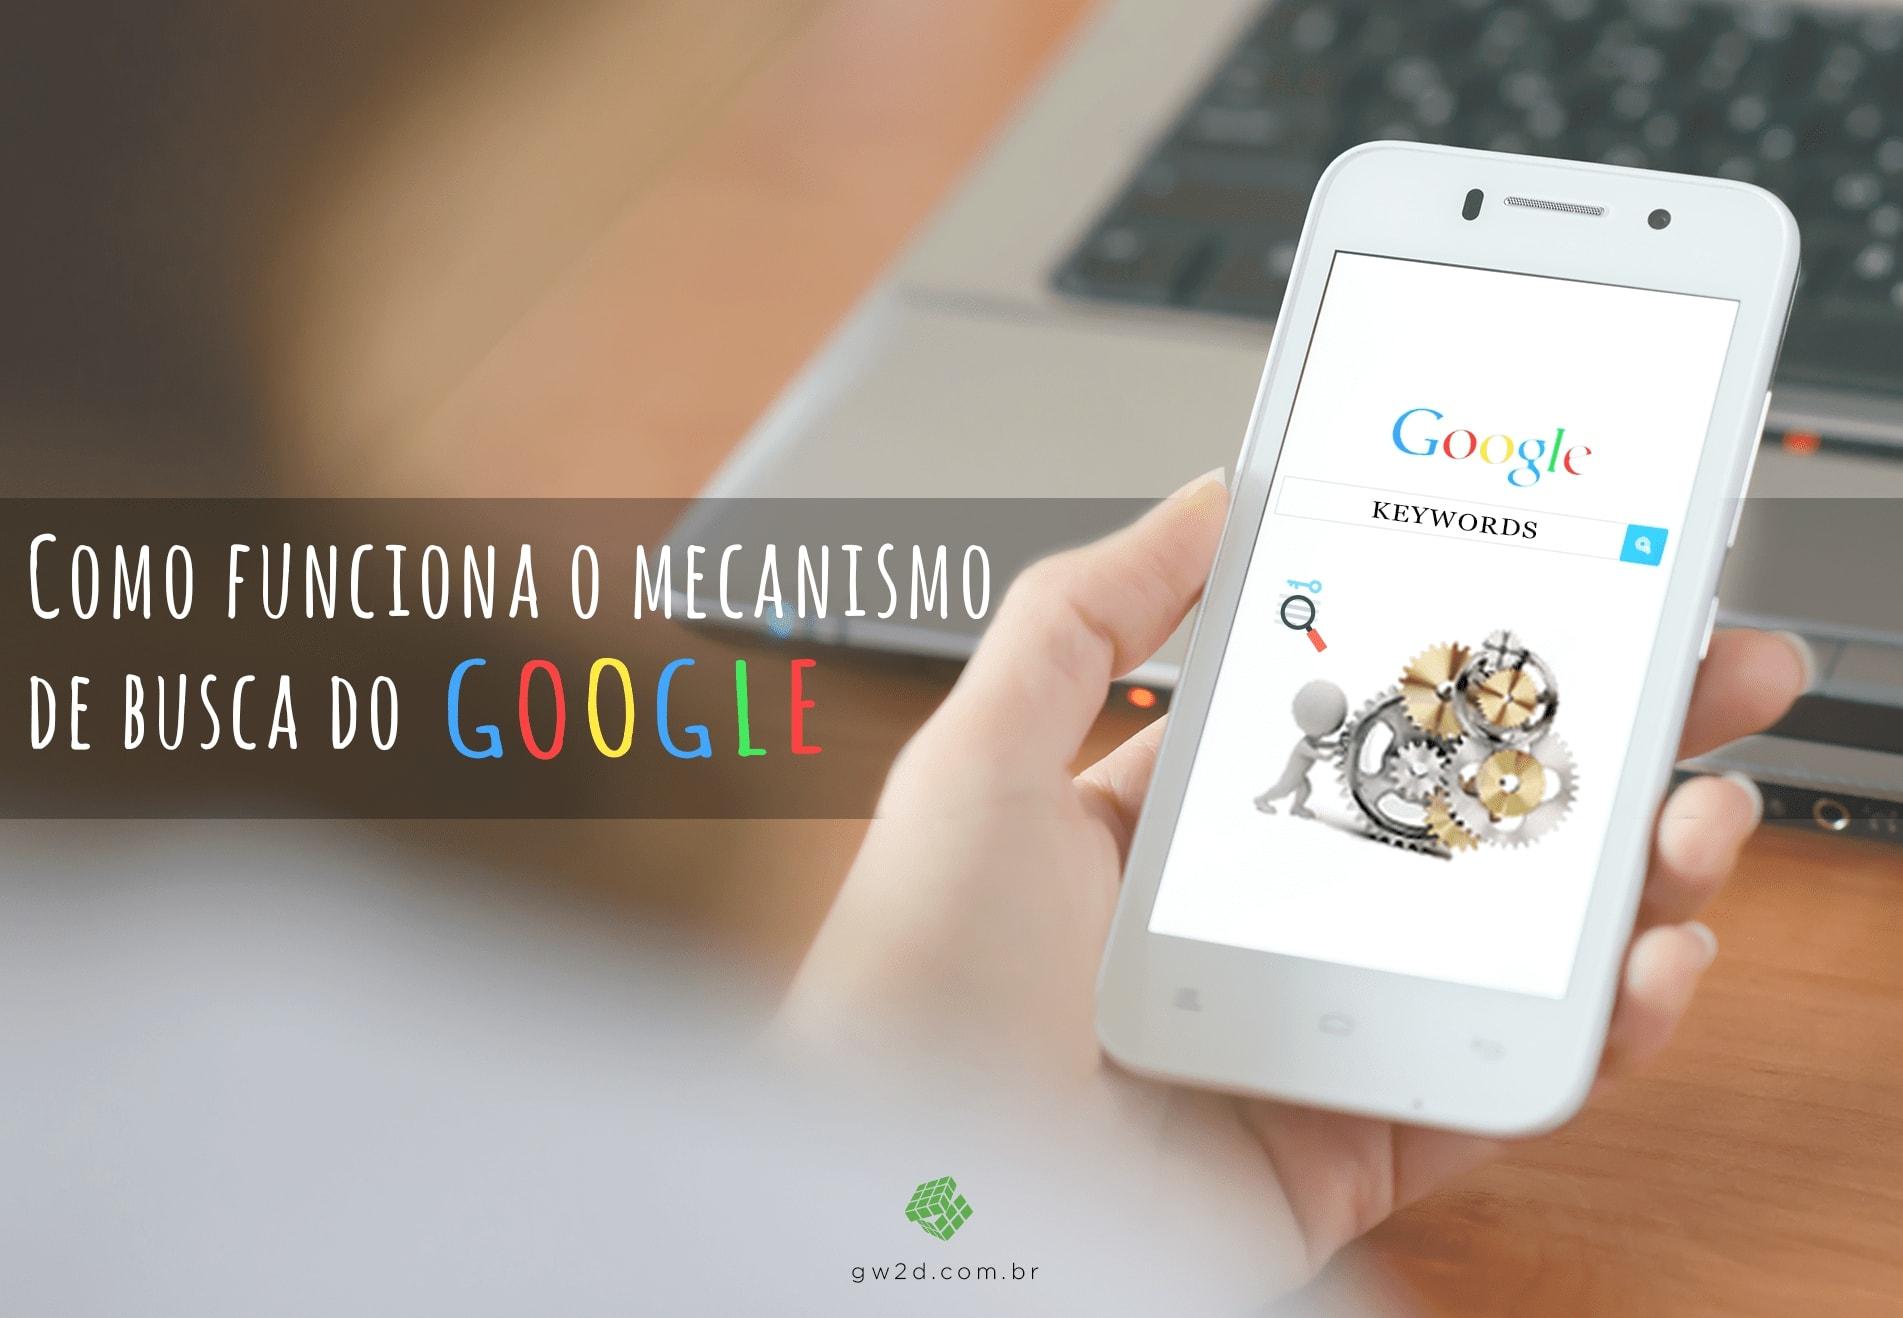 560abc959 Aqui no nosso blog já explicamos sobre o que é SEO e sobre a importância de  criar conteúdo de relevância para atrair novos consumidores através da  Internet.